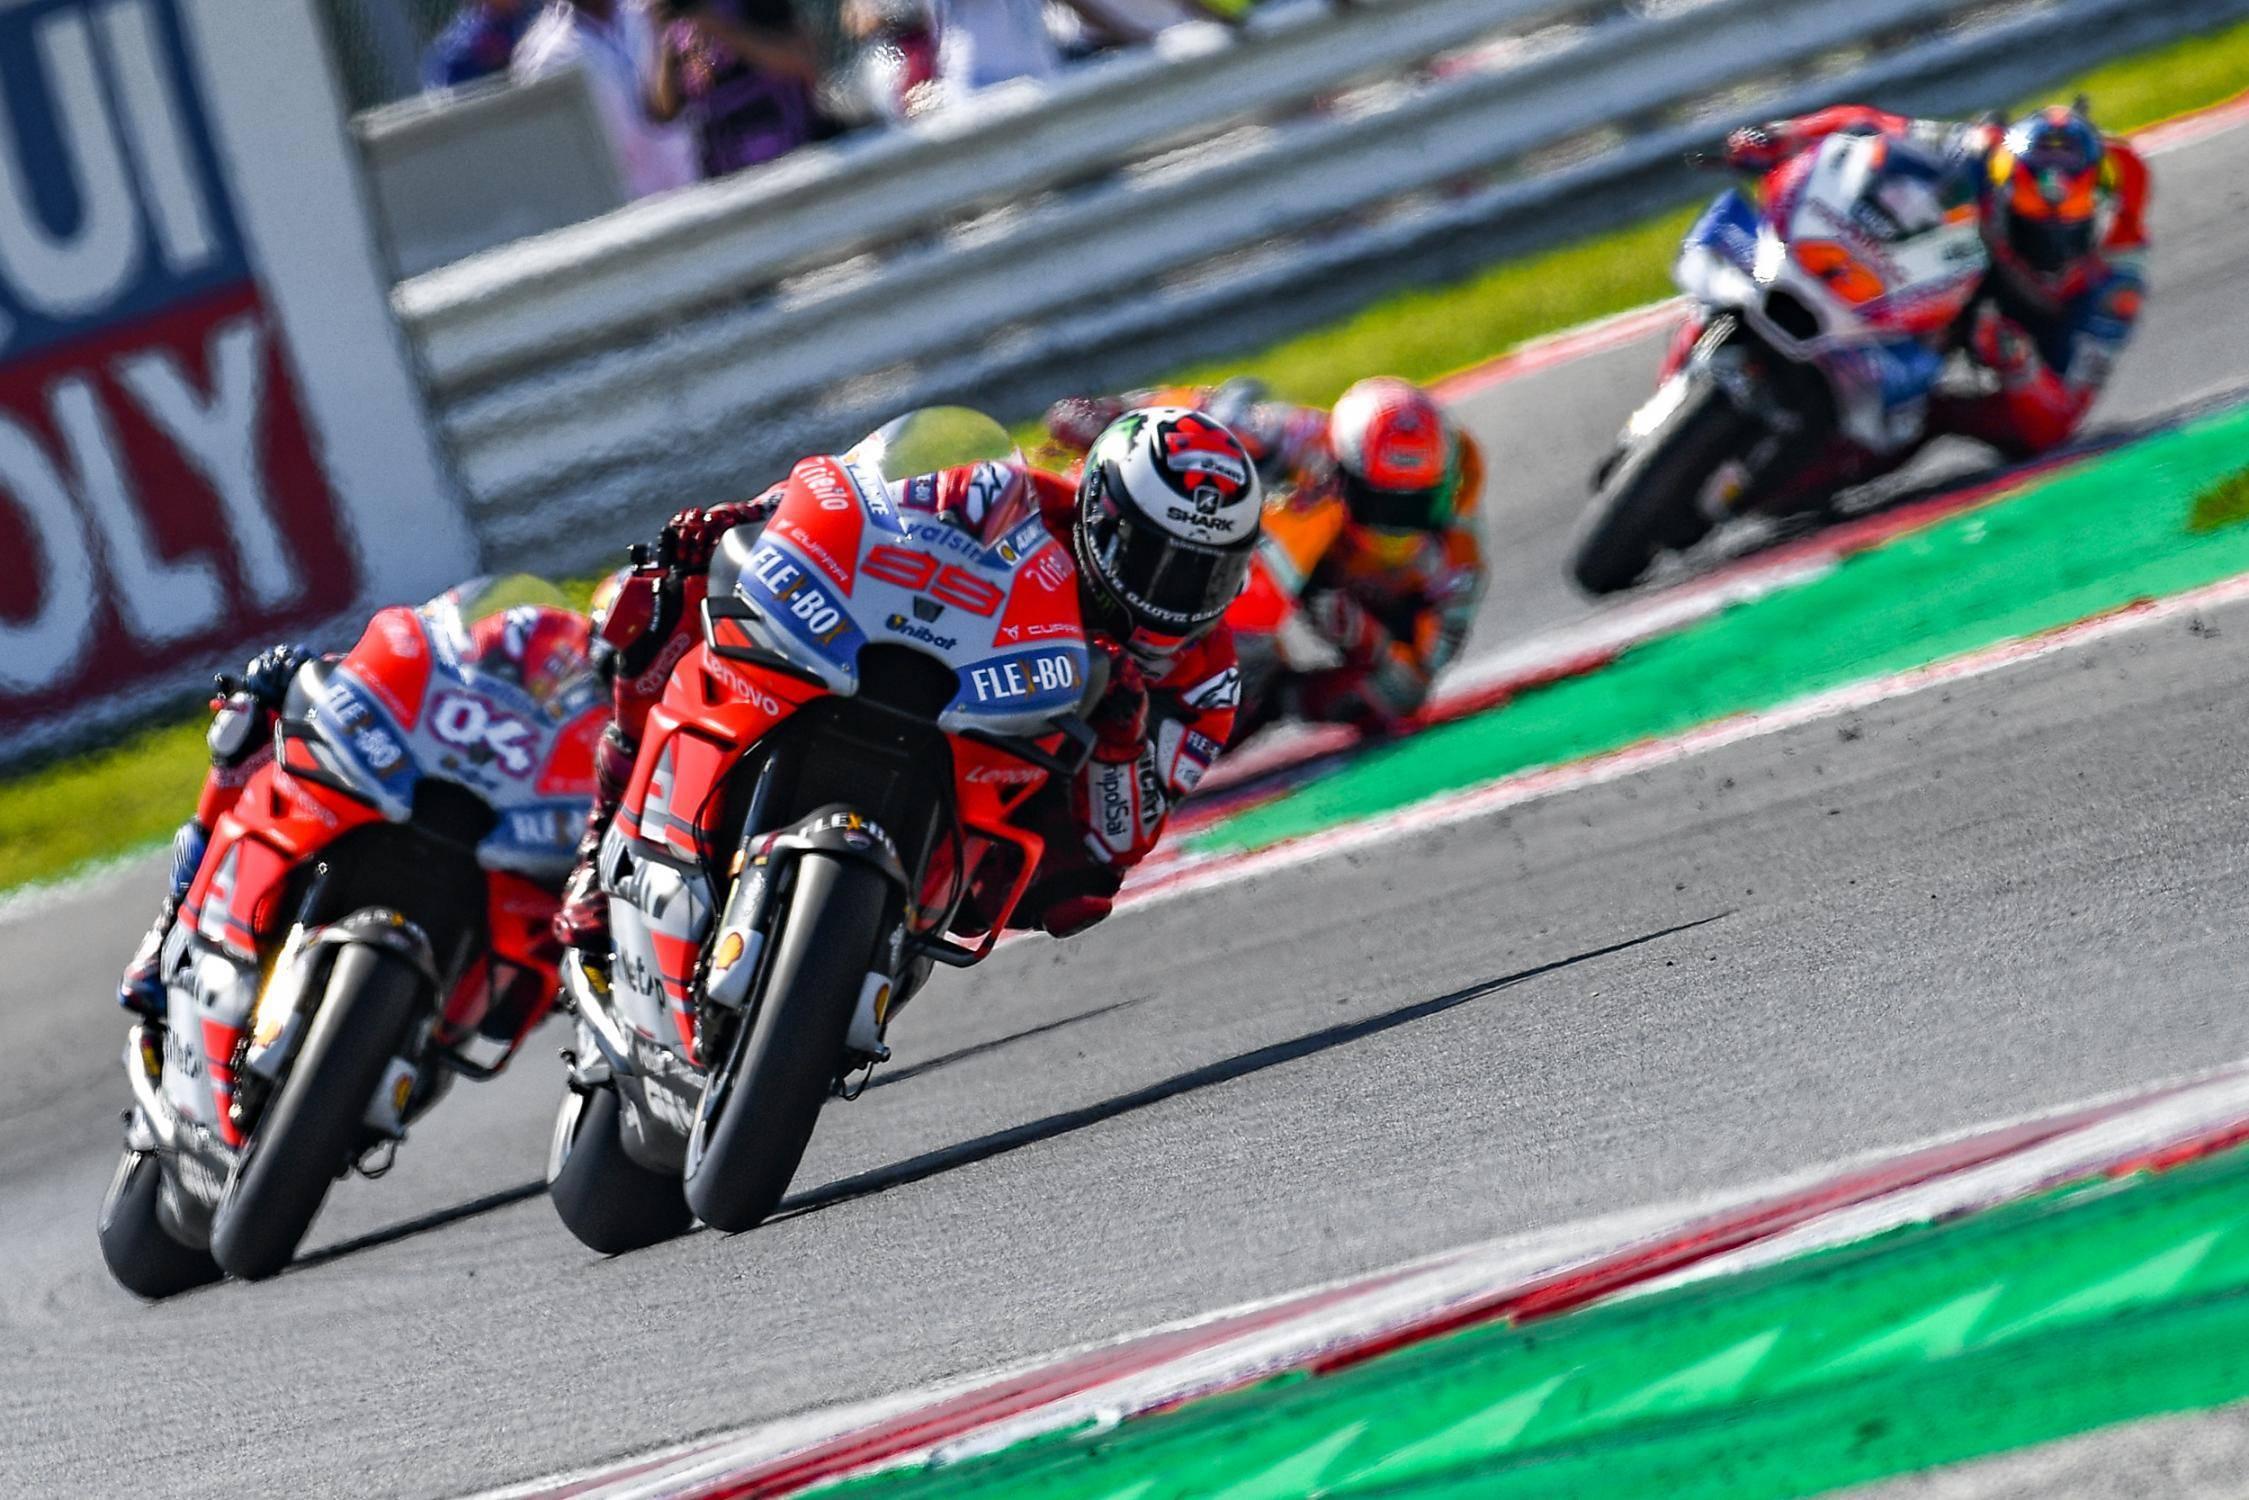 Pagelle MotoGP 2018: L'escalation di zero a partire da San Marino per Lorenzo